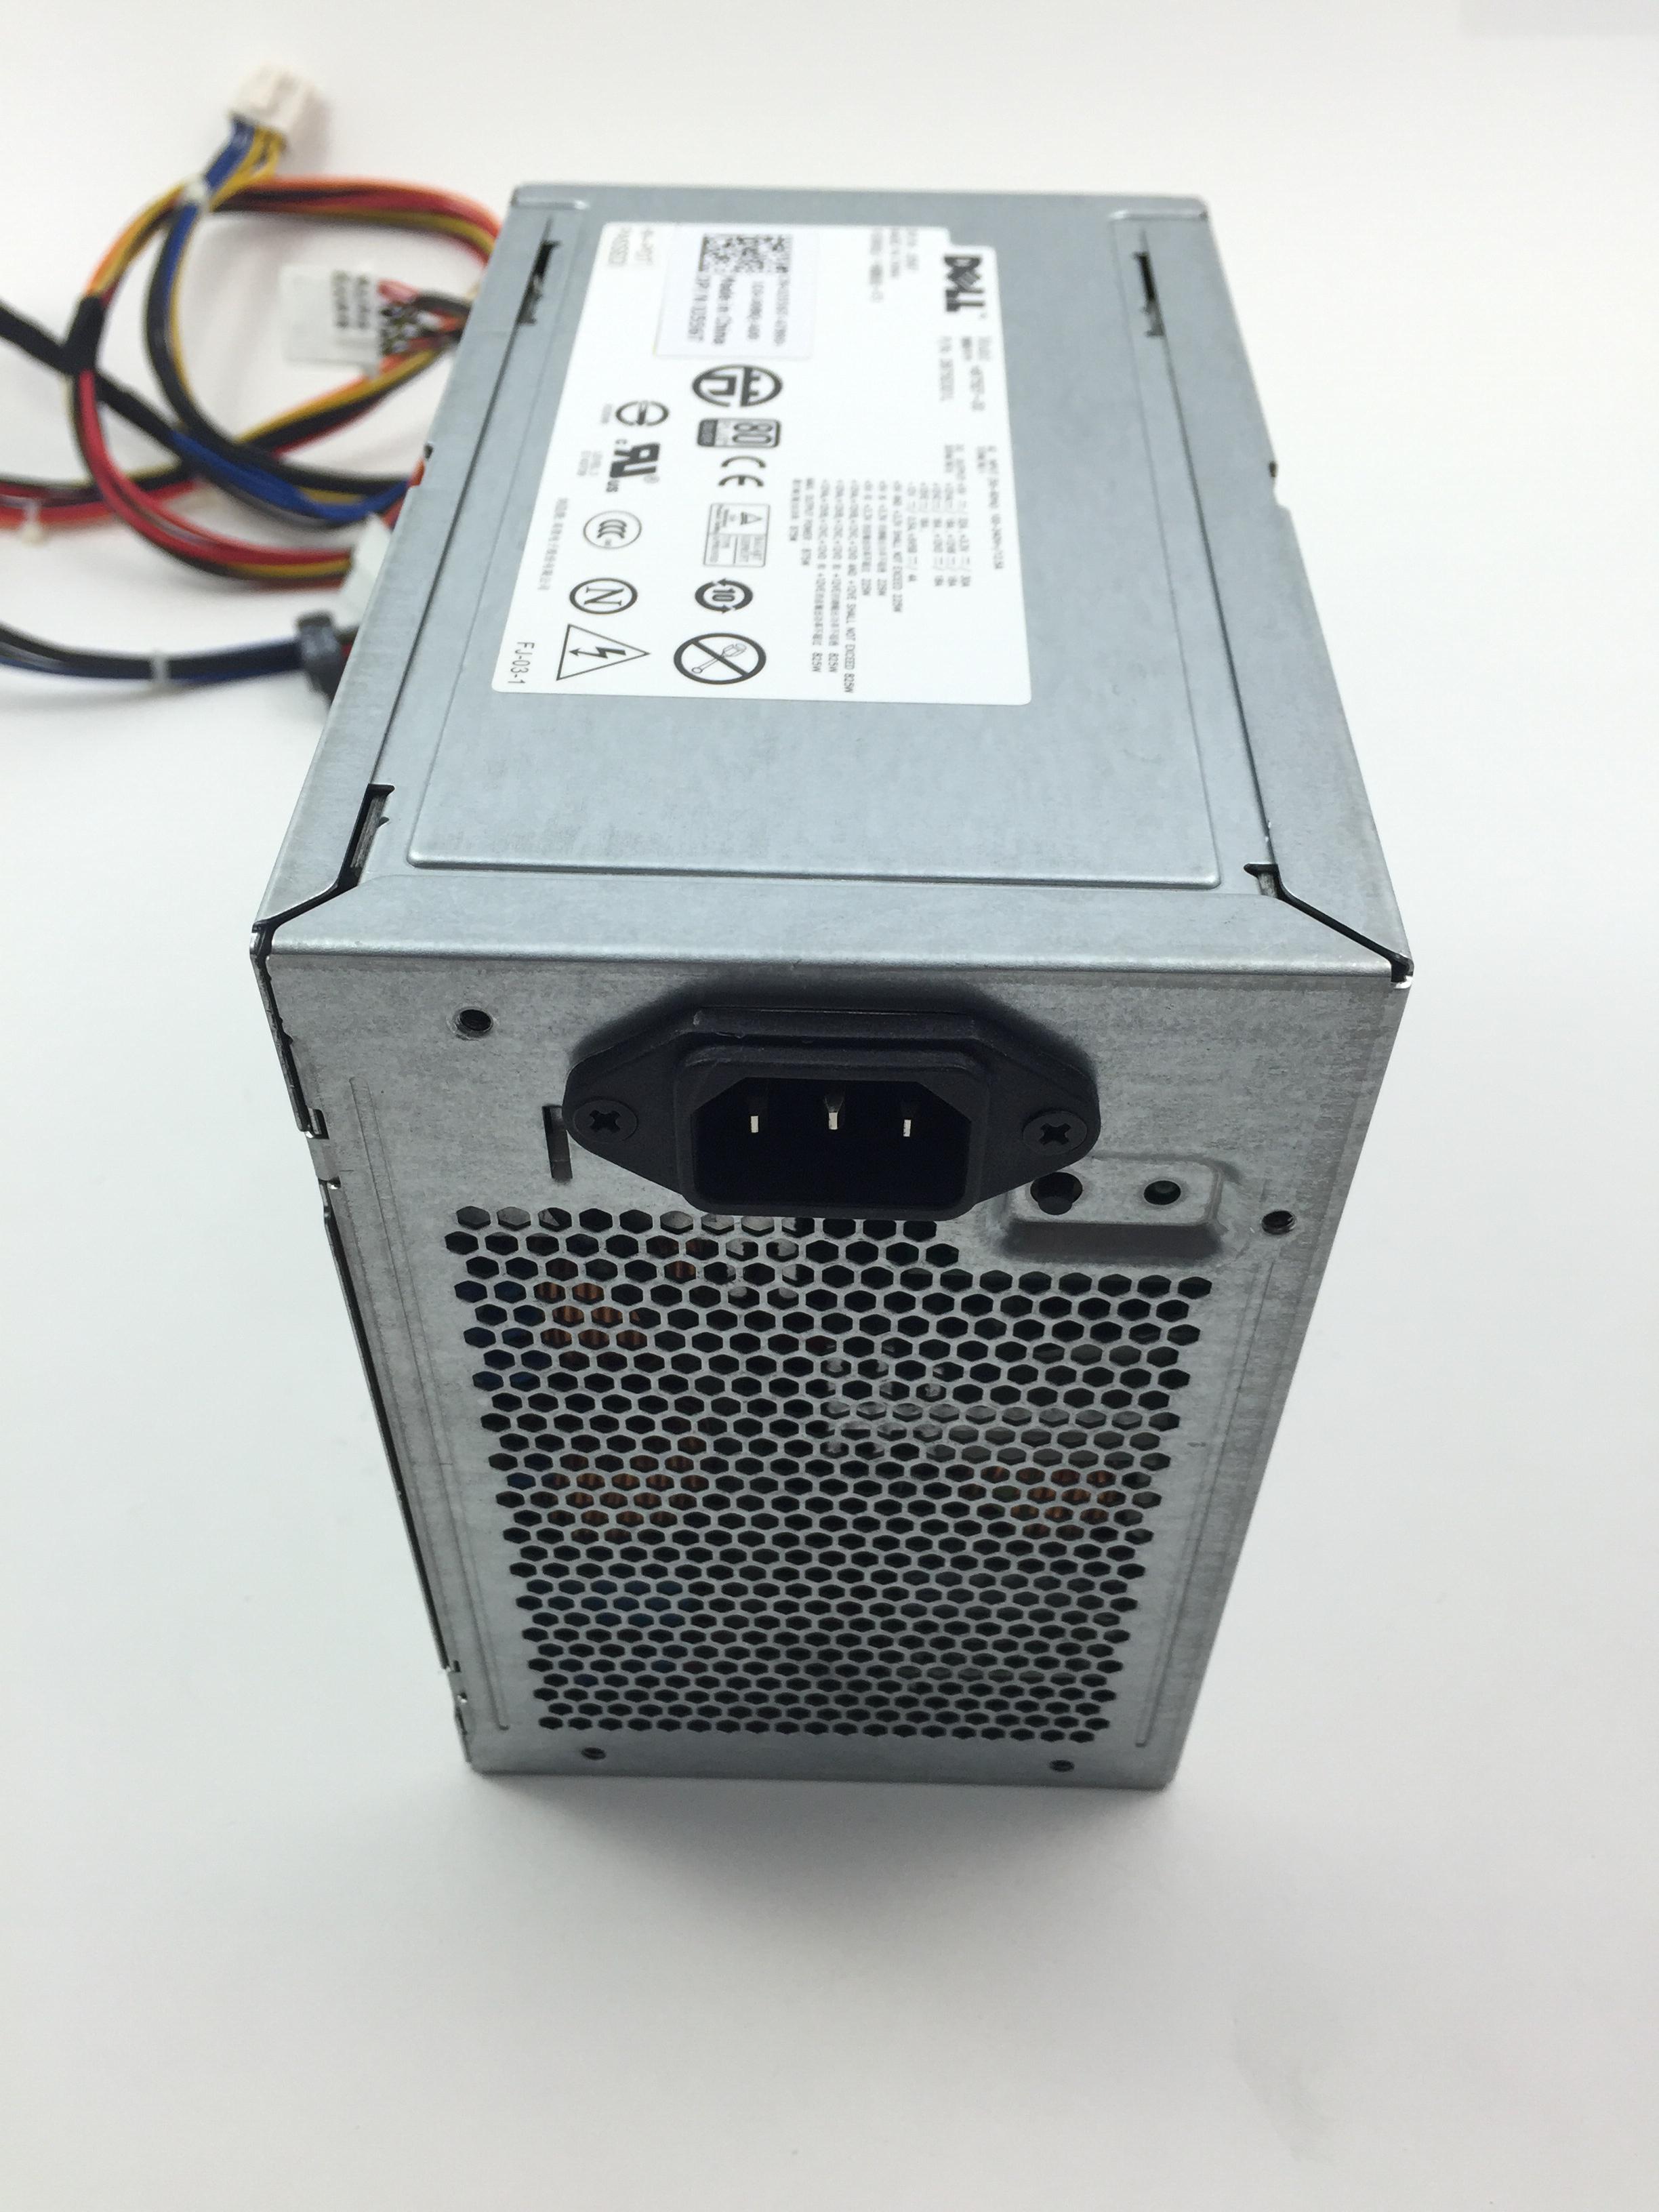 DELL PRECISION T5500 875W POWER SUPPLY (J556T)